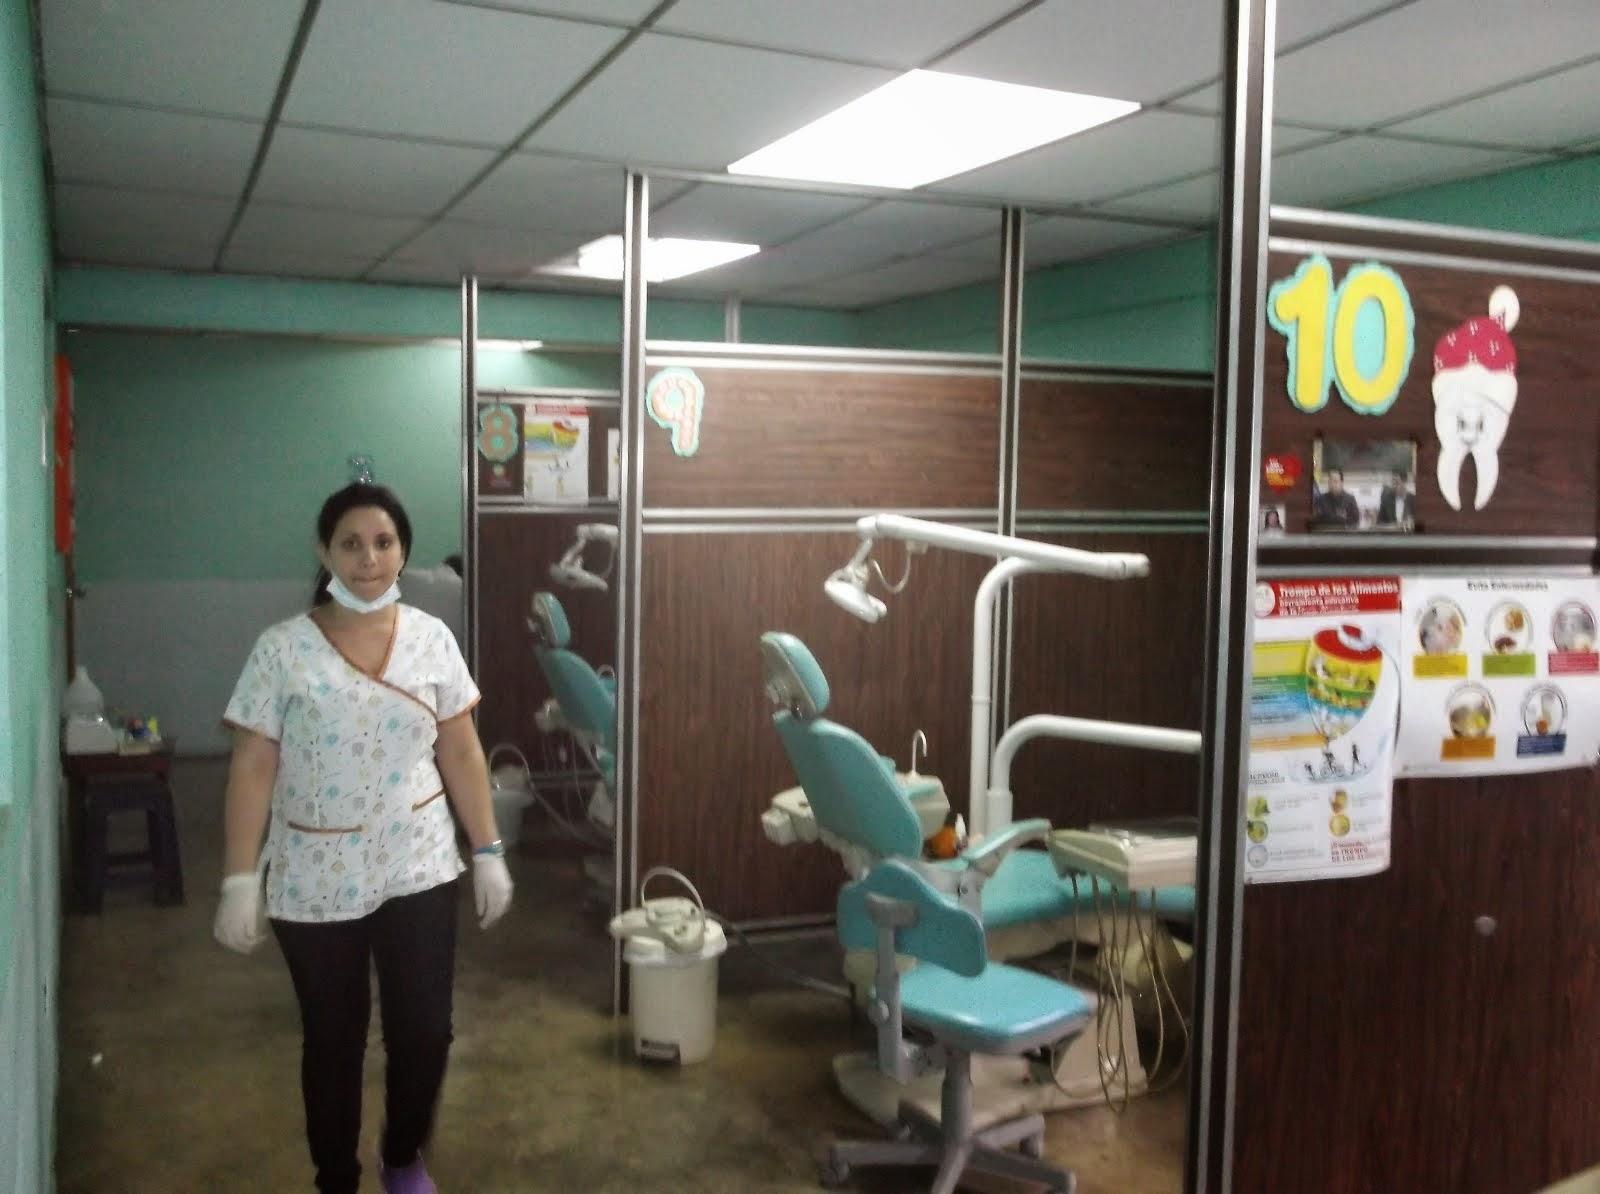 clínica Odontologica Barrio Adentro. la 31 acarigua